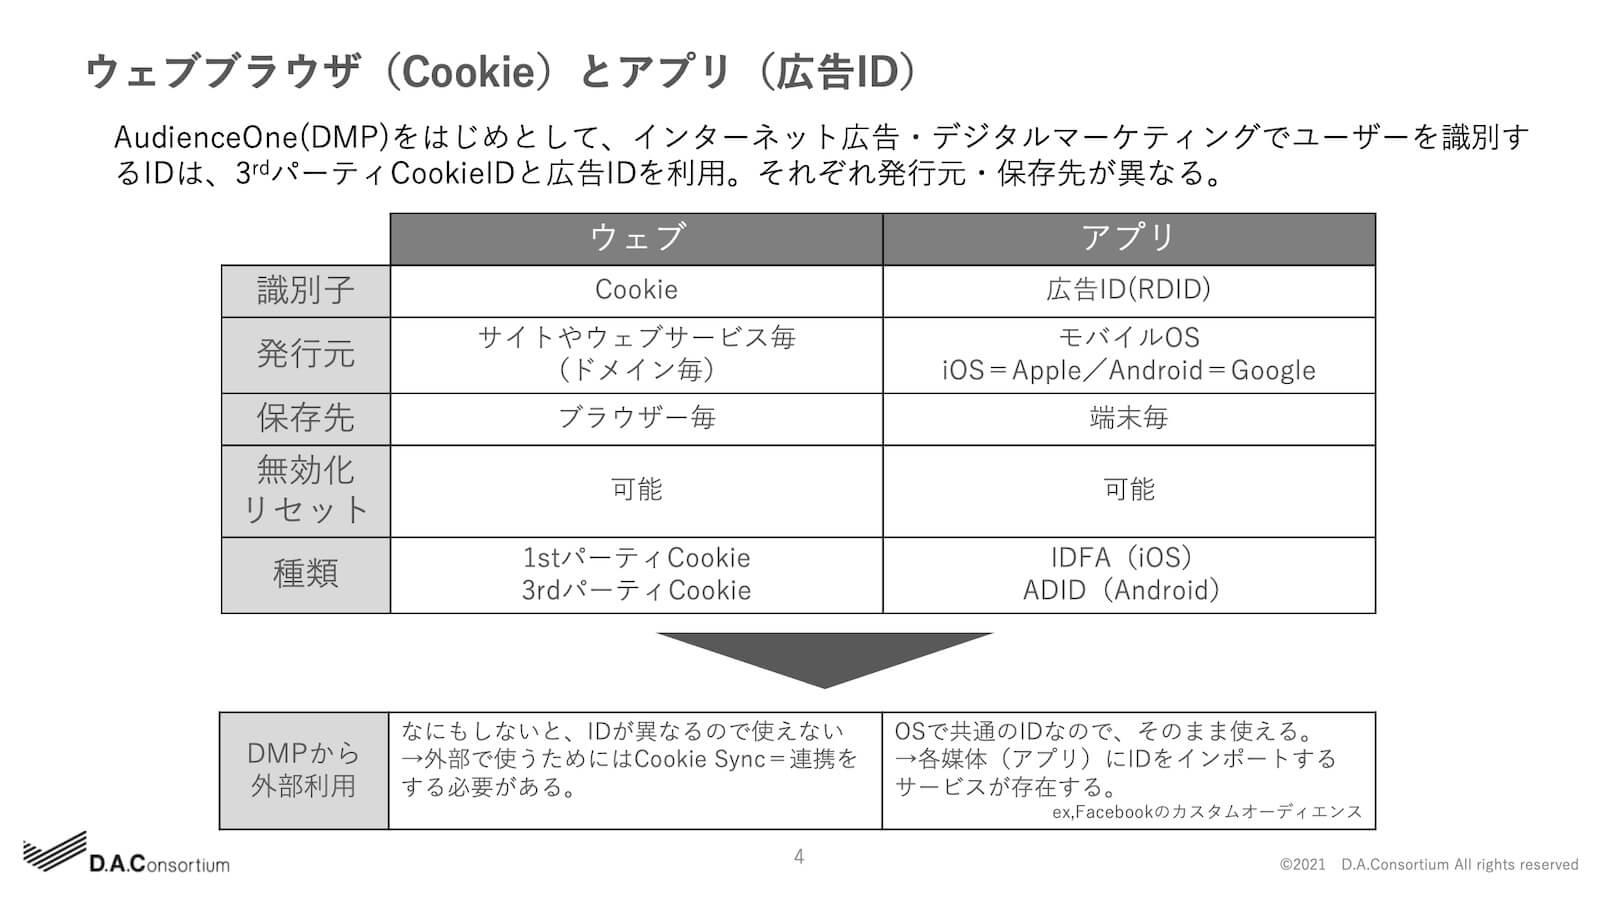 ウェブブラウザ(Cookie)とアプリ(広告ID)